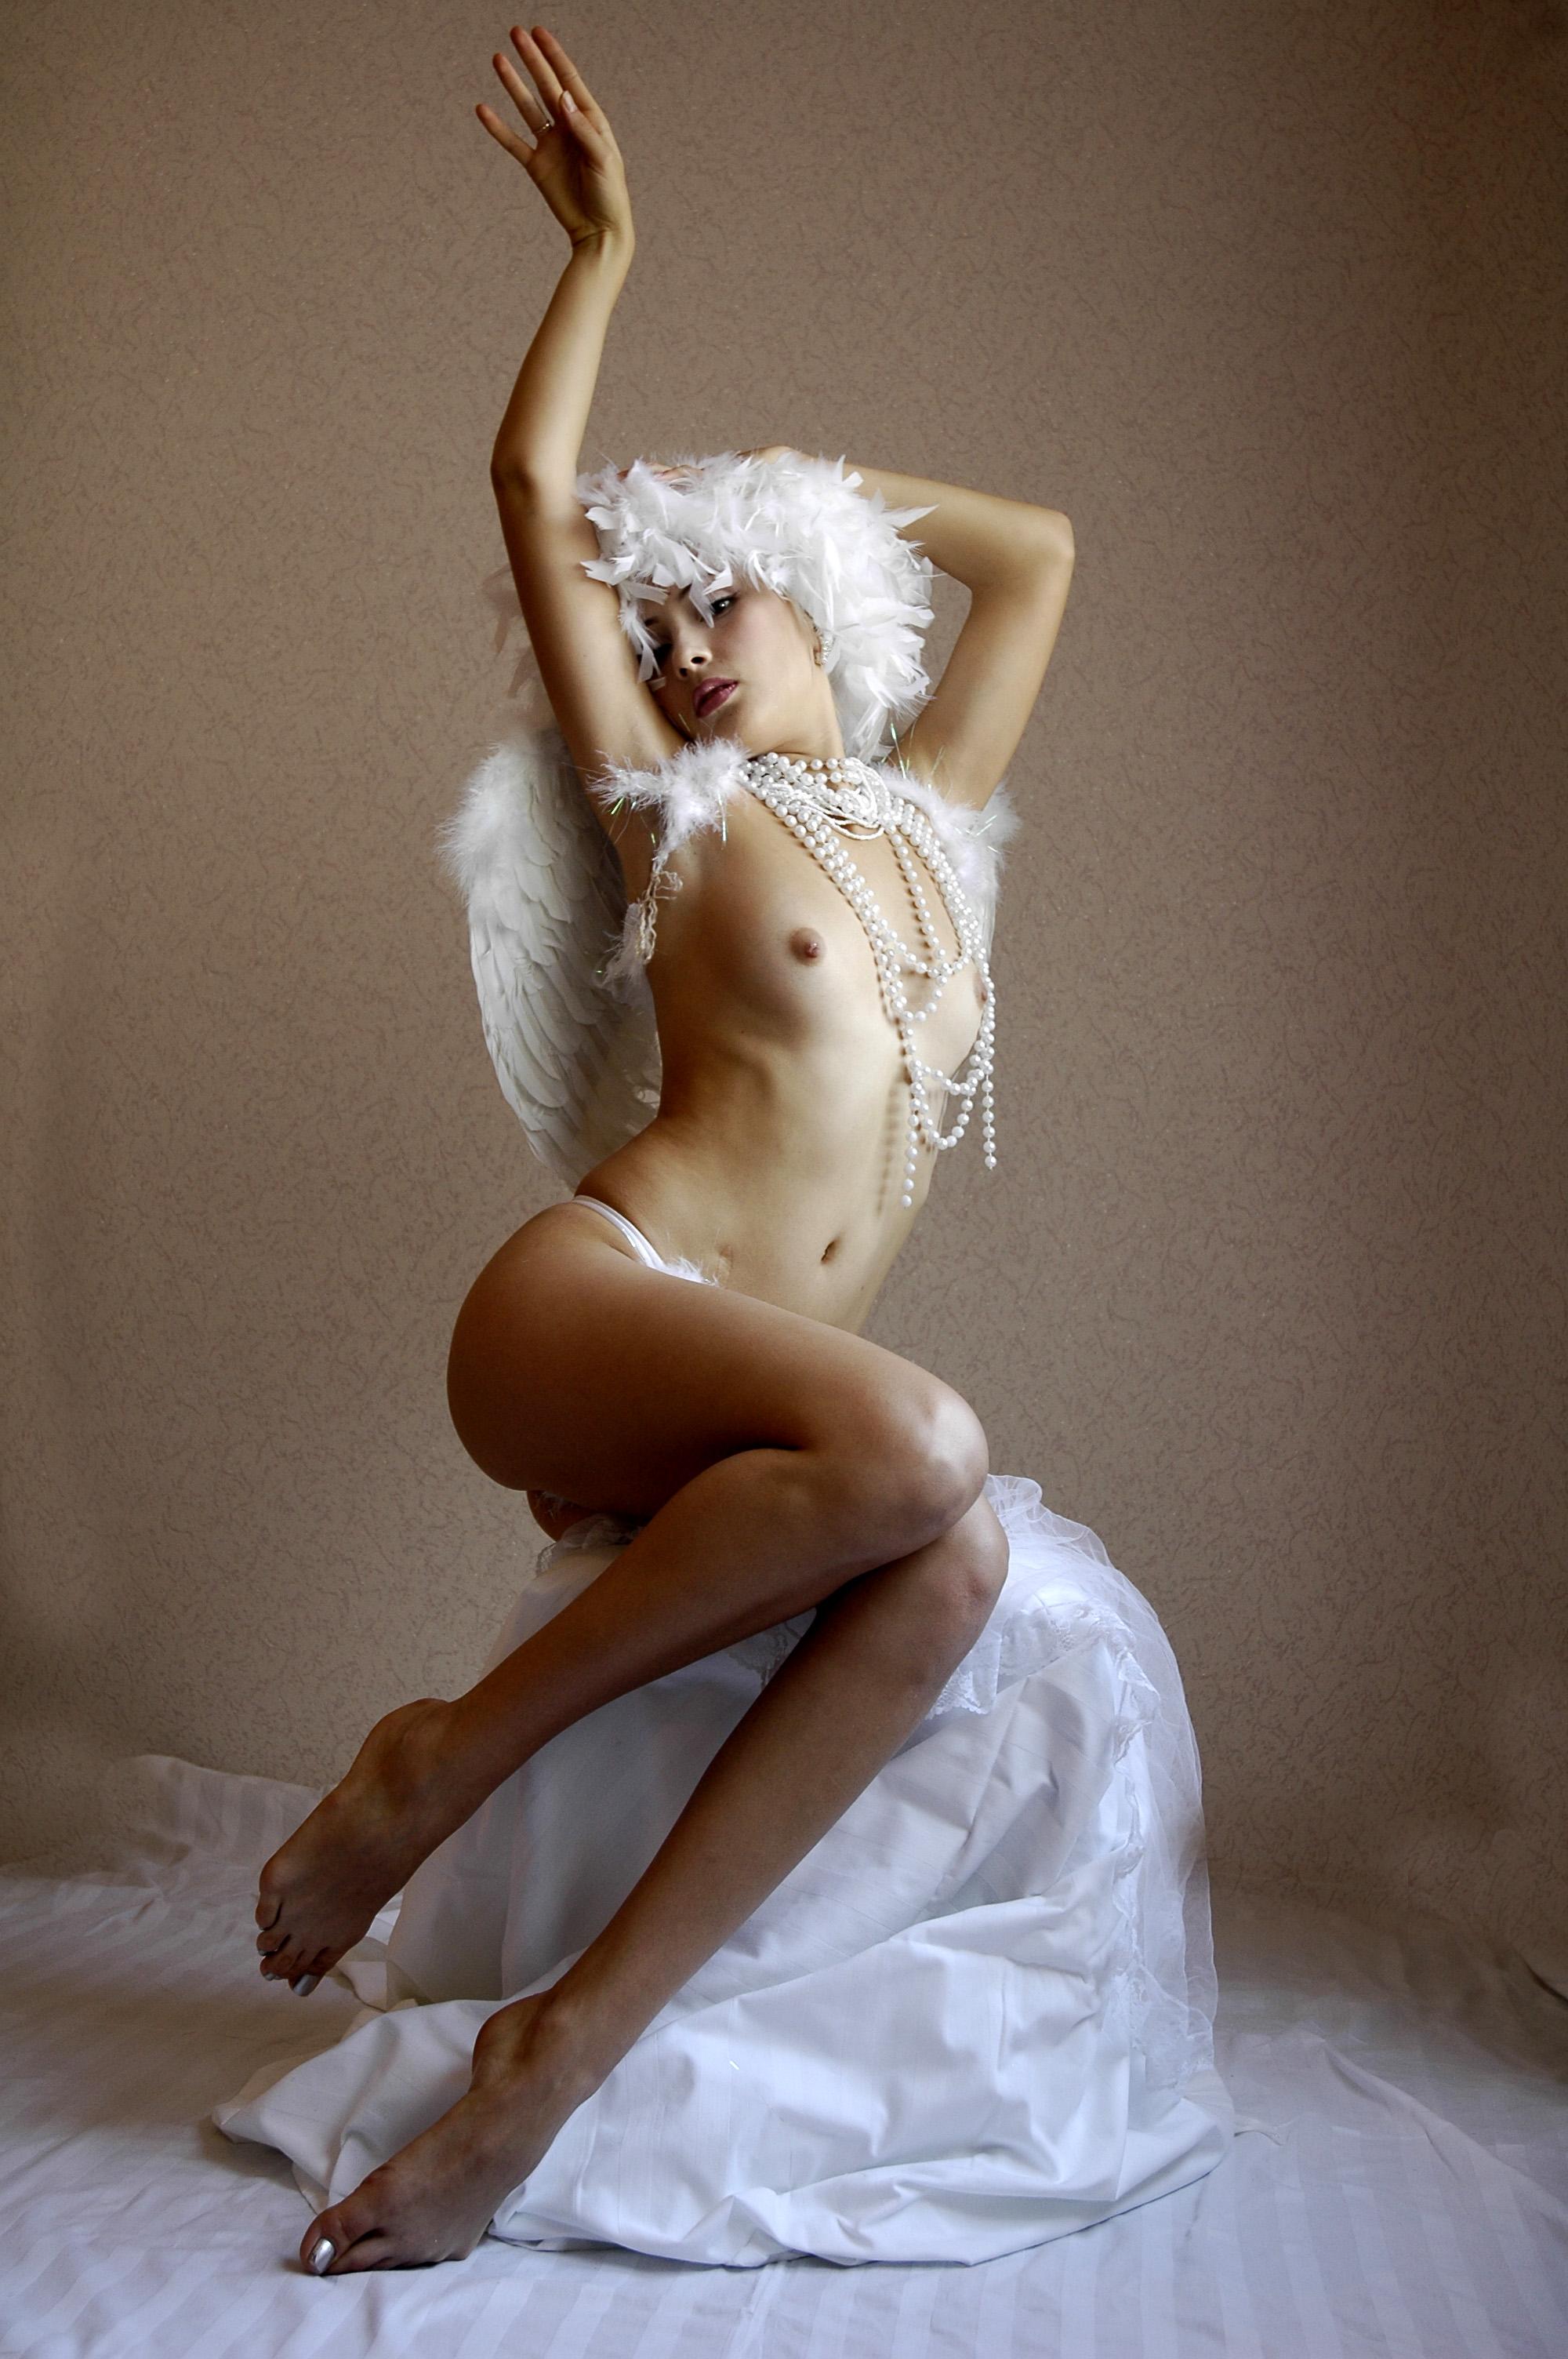 Самые сексуальные фото ангелов